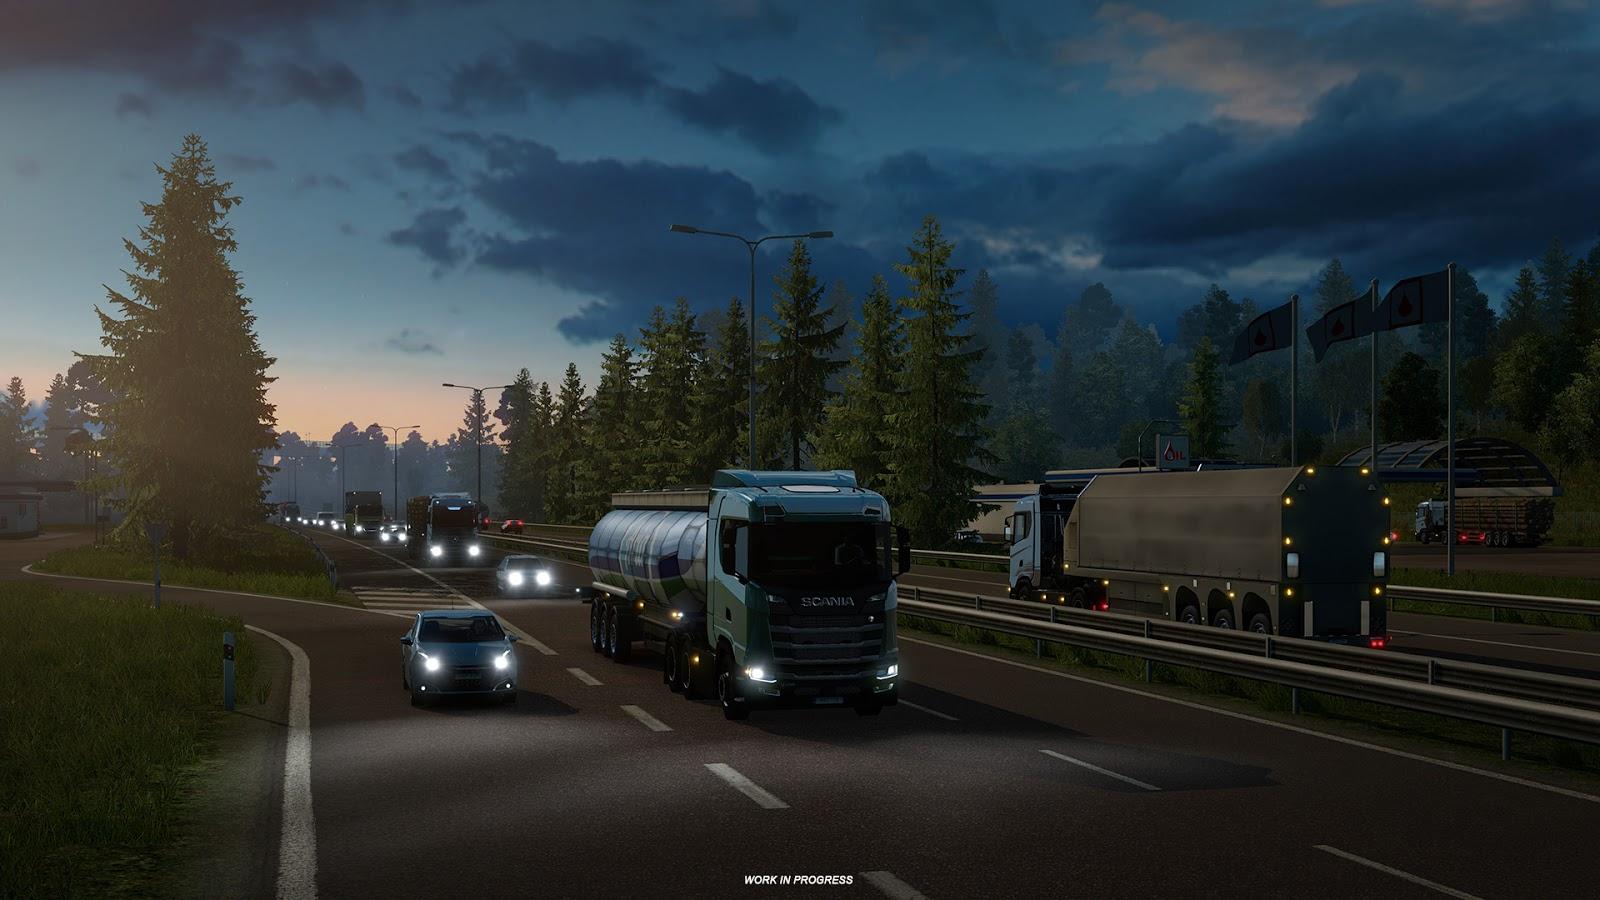 Euro truck simulator 2 update